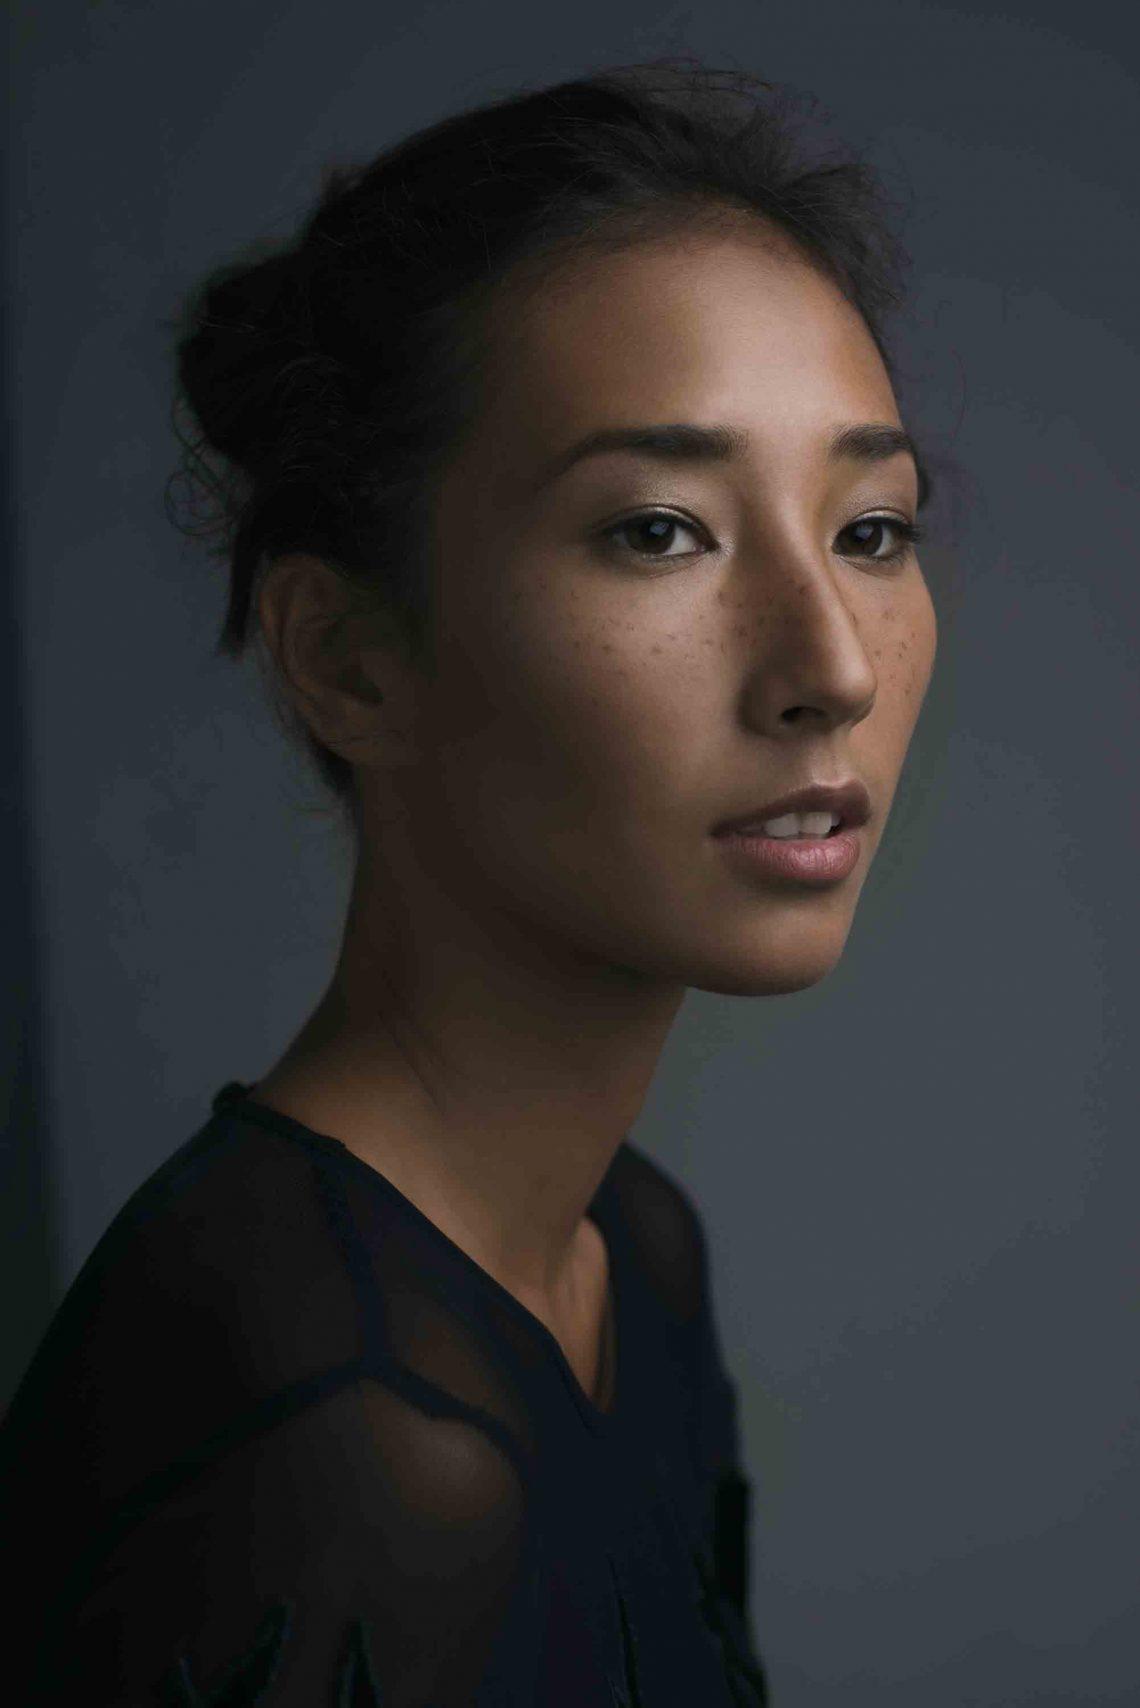 Balistarz-model-Sharon-Coplon-side-headshot-portrait-shoot-in-black-top